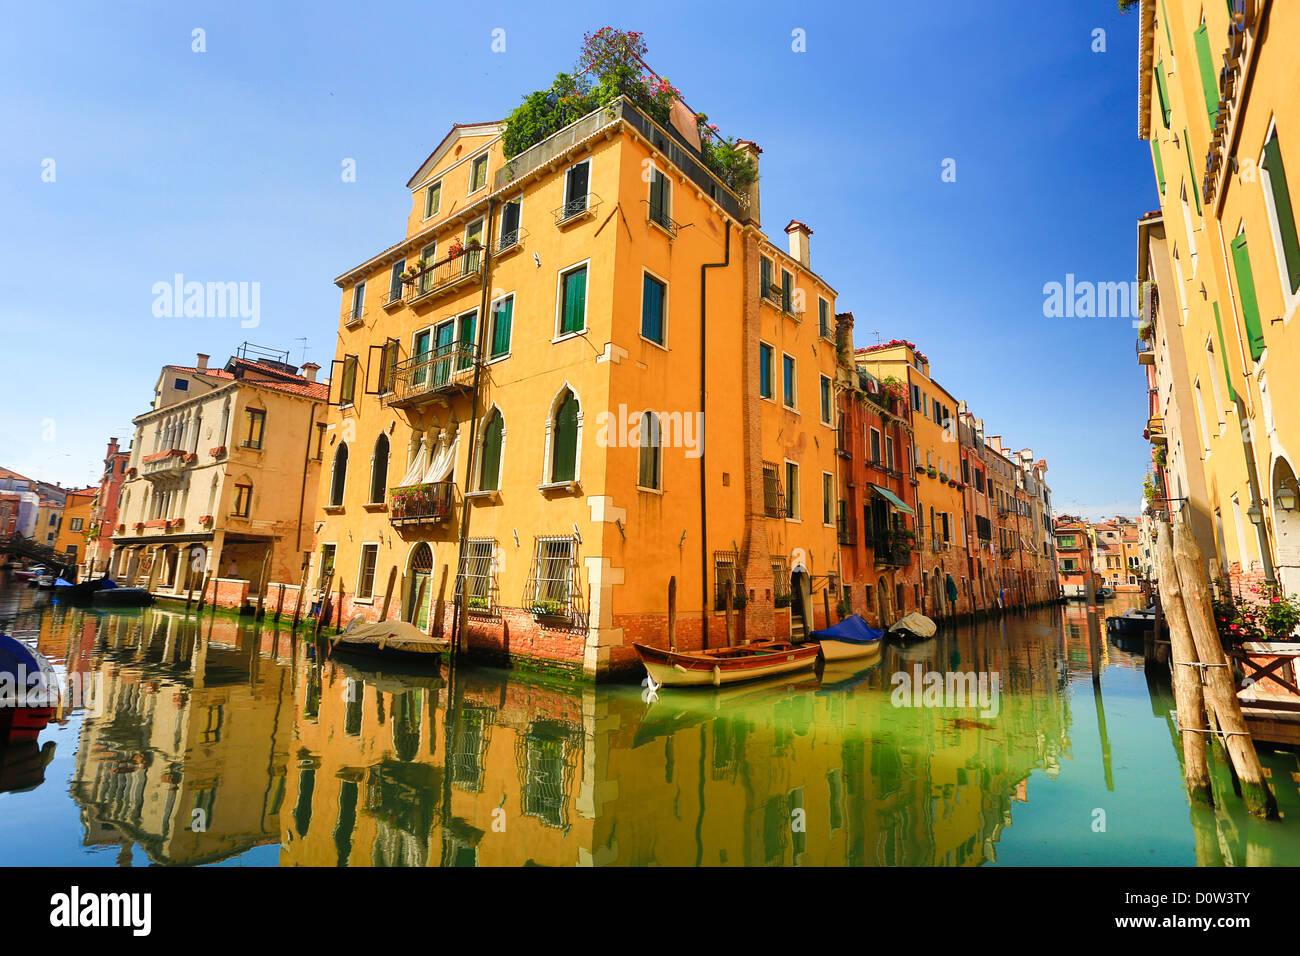 L'Italia, Europa, viaggi Venezia, case, Italia, Europa, viaggi, canal, colorato, riflessione, turismo, Unesco, Immagini Stock